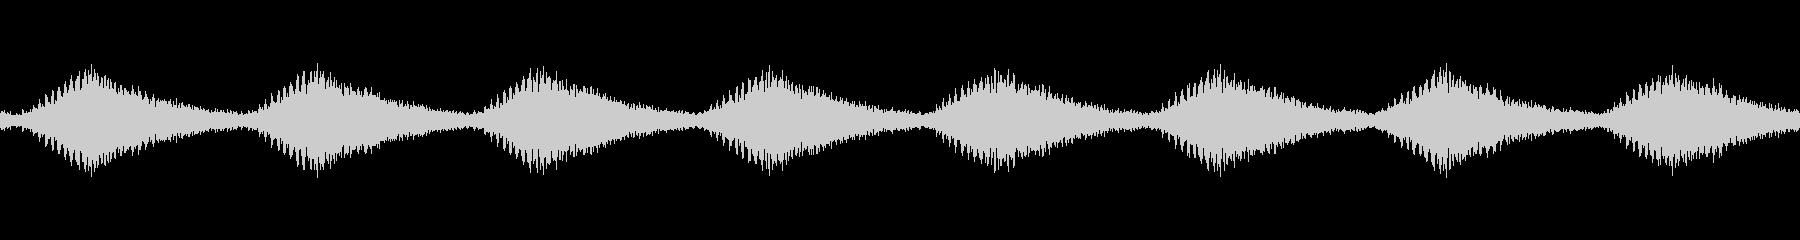 研究所内のサイレン音(ループ仕様)_02の未再生の波形